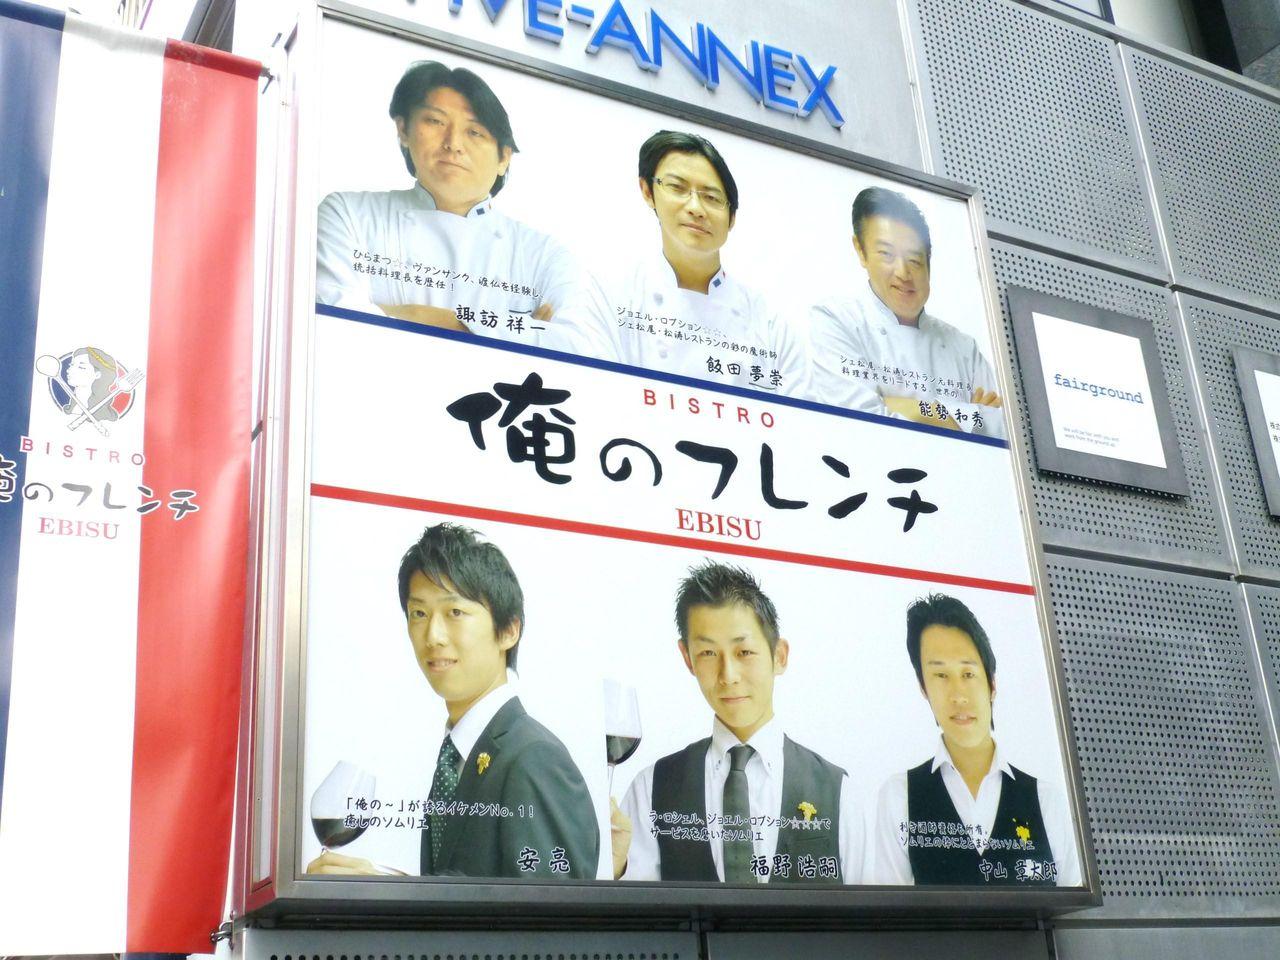 歌舞伎町のホストクラブのような看板!